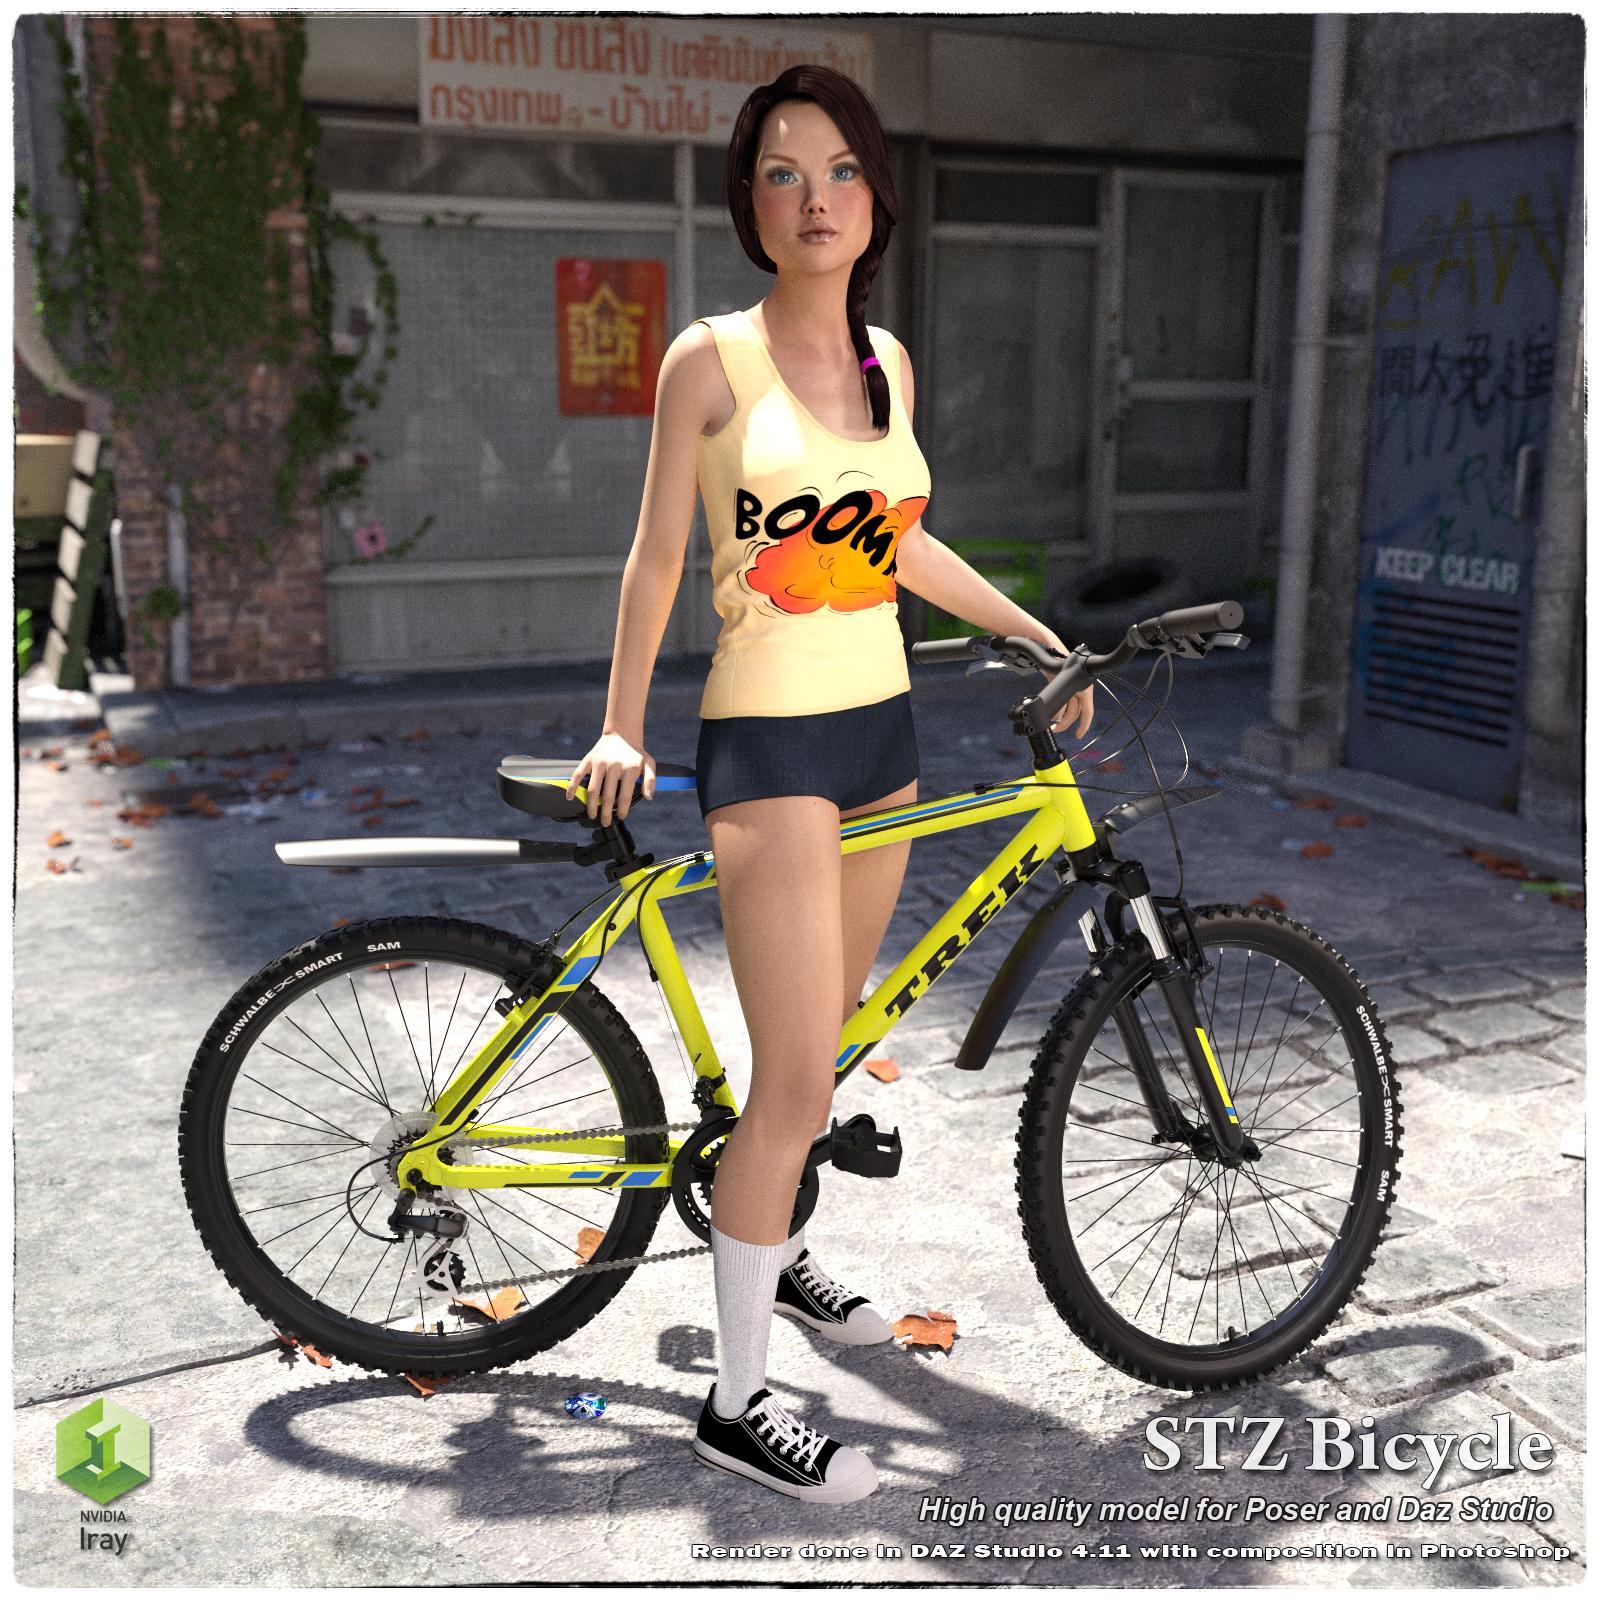 stz-bicycle